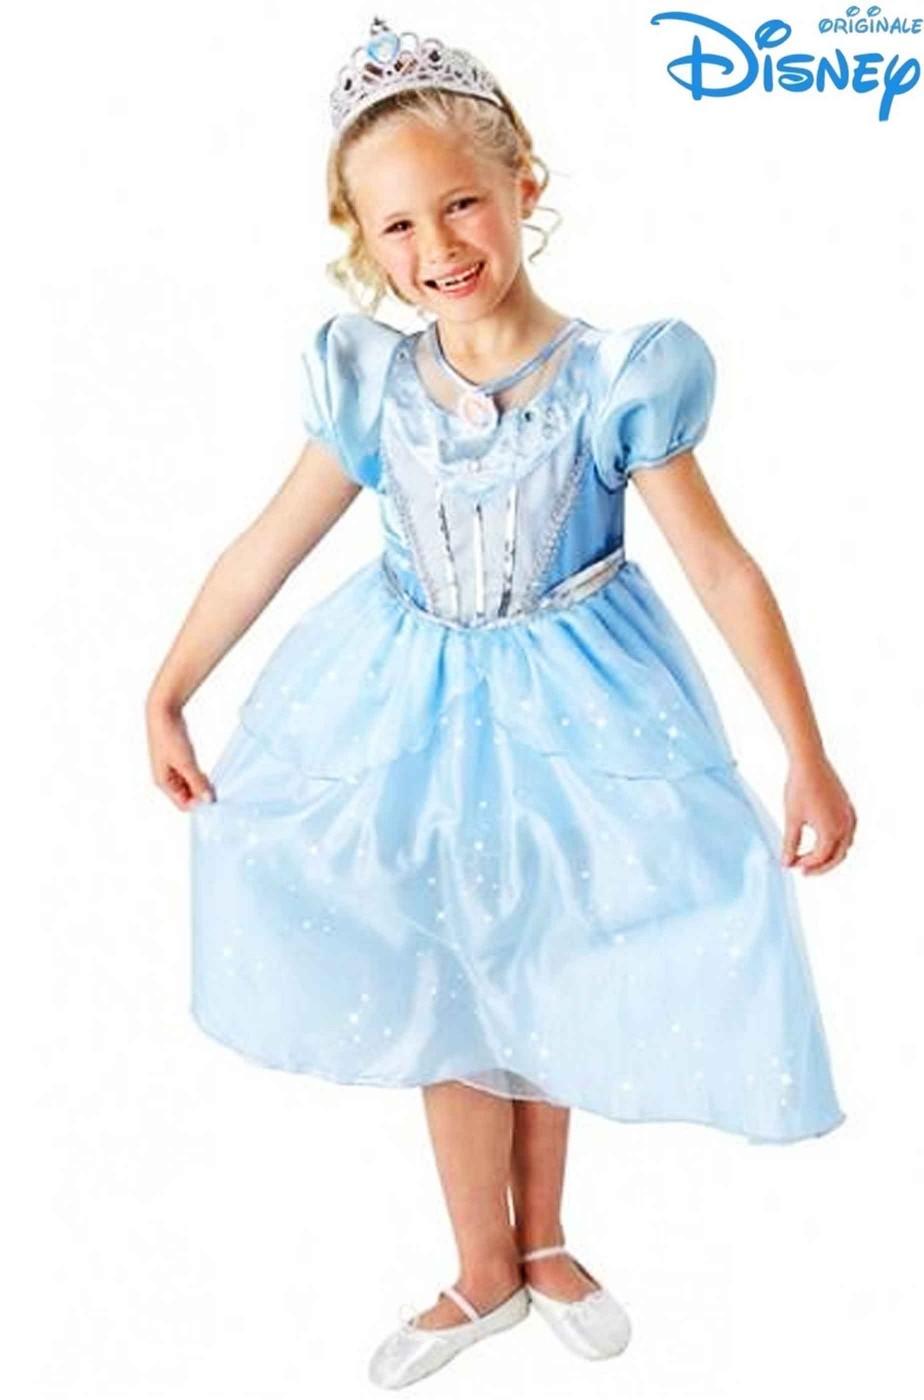 prezzo minimo scarpe originali come ottenere Vestito di Carnevale bambina di Cenerentola originale Disney luminoso